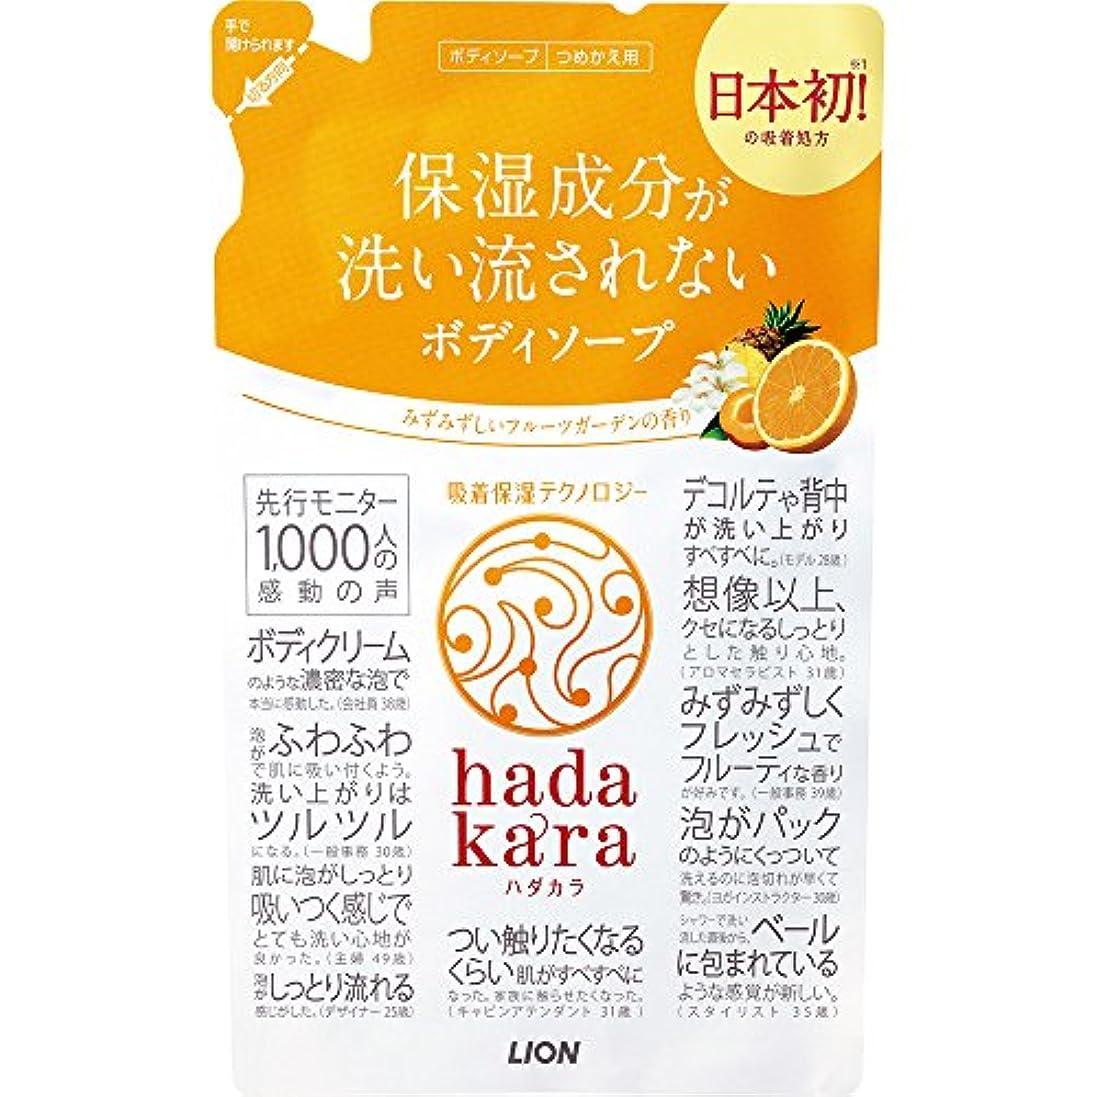 日食和解する顎hadakara(ハダカラ) ボディソープ フルーツガーデンの香り 詰め替え 360ml